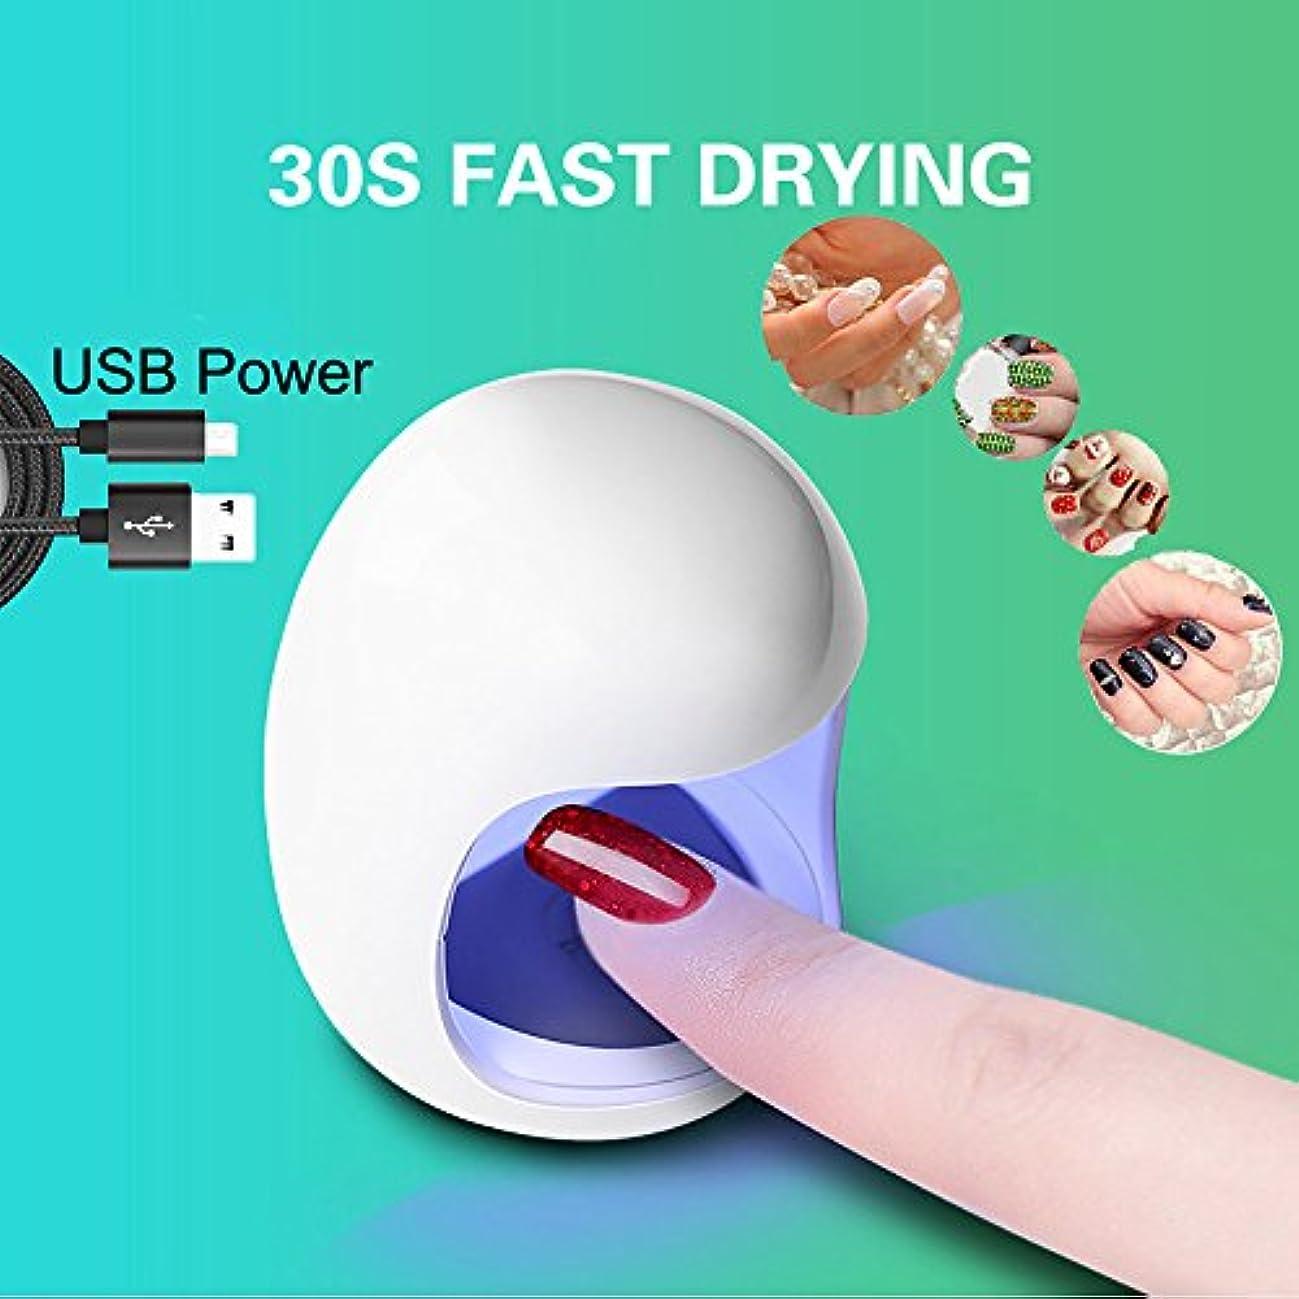 ファン熟達した敏感なネイルドライヤー ミニシングルフィンガーネイルマシン USB UVネイルジェル硬化ライトライトネイルジェル研磨ドライヤーマニキュア機 (ホワイト)